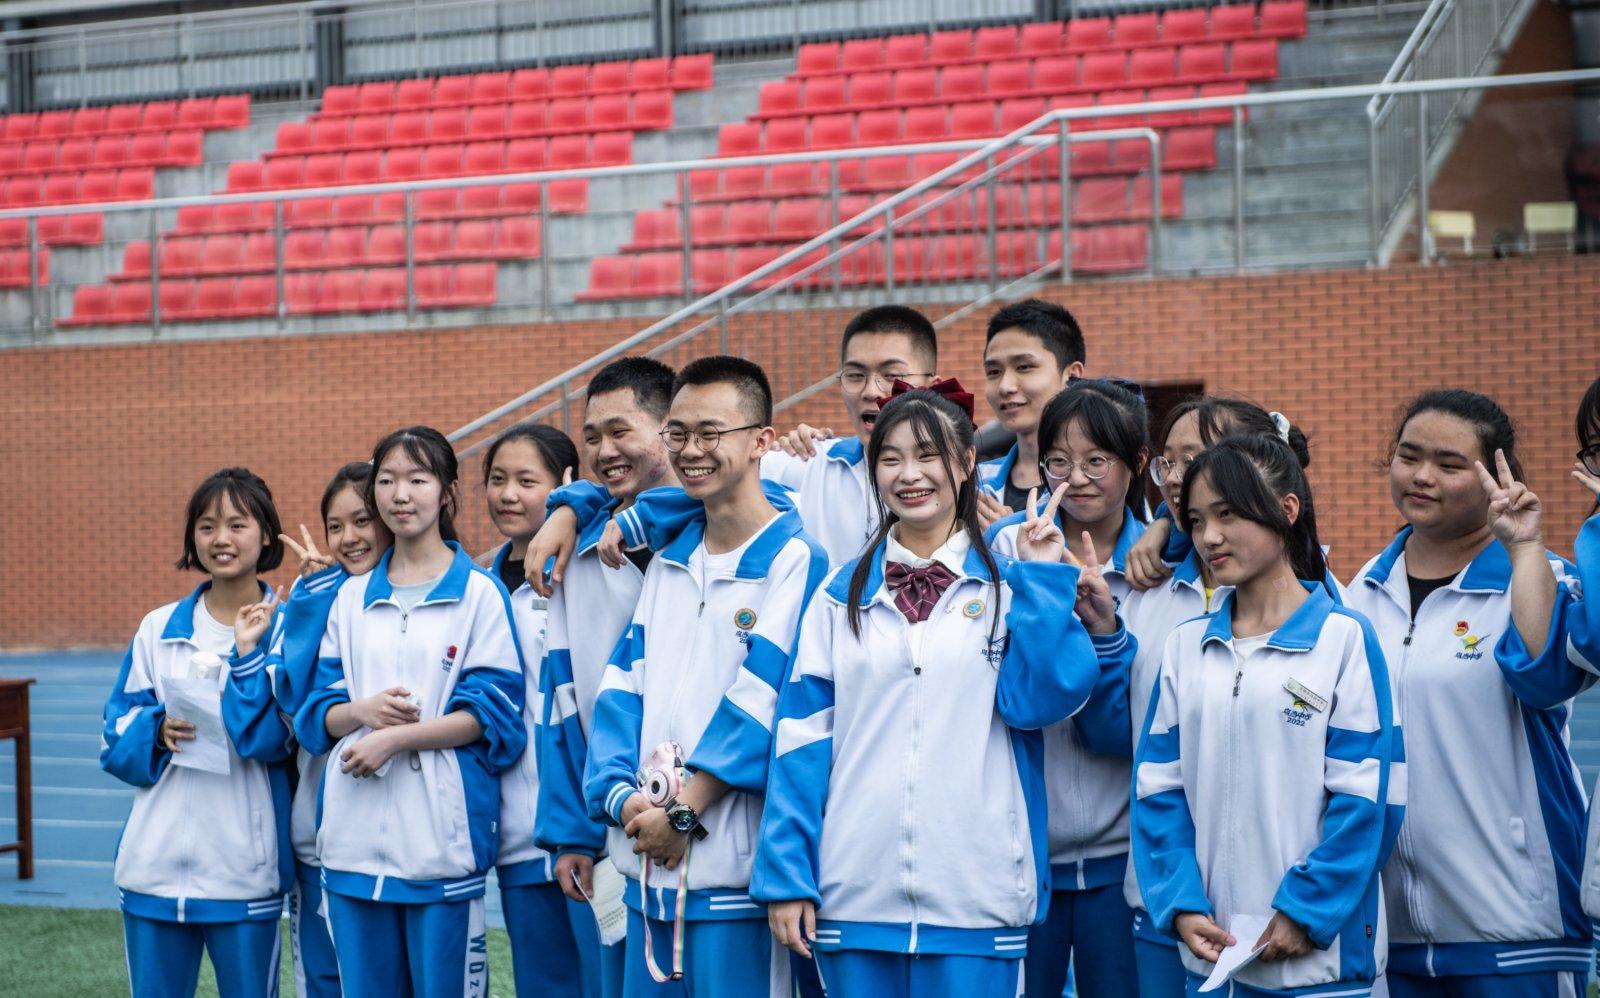 烏當中學高三學生在操場上拍照留念。